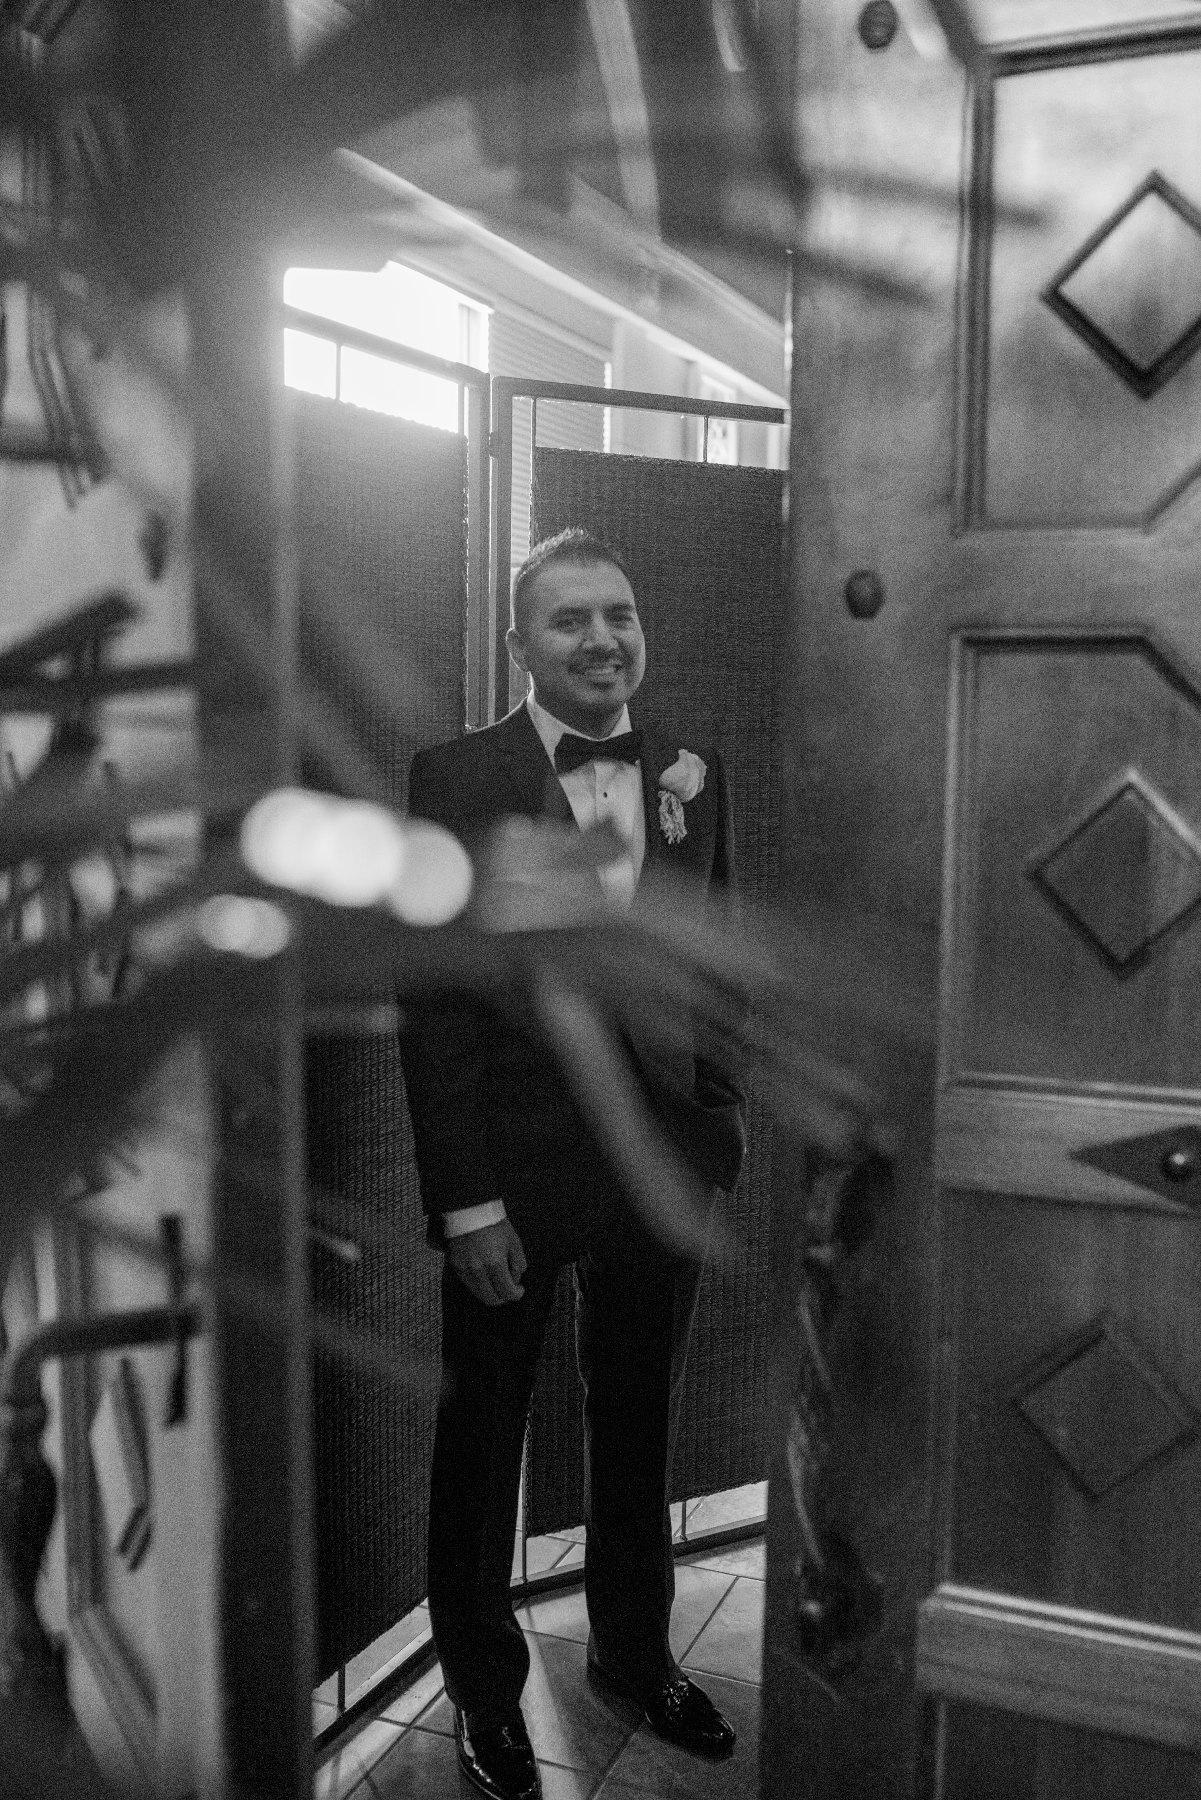 hugo and jimmy wedding 2014-10-05 23